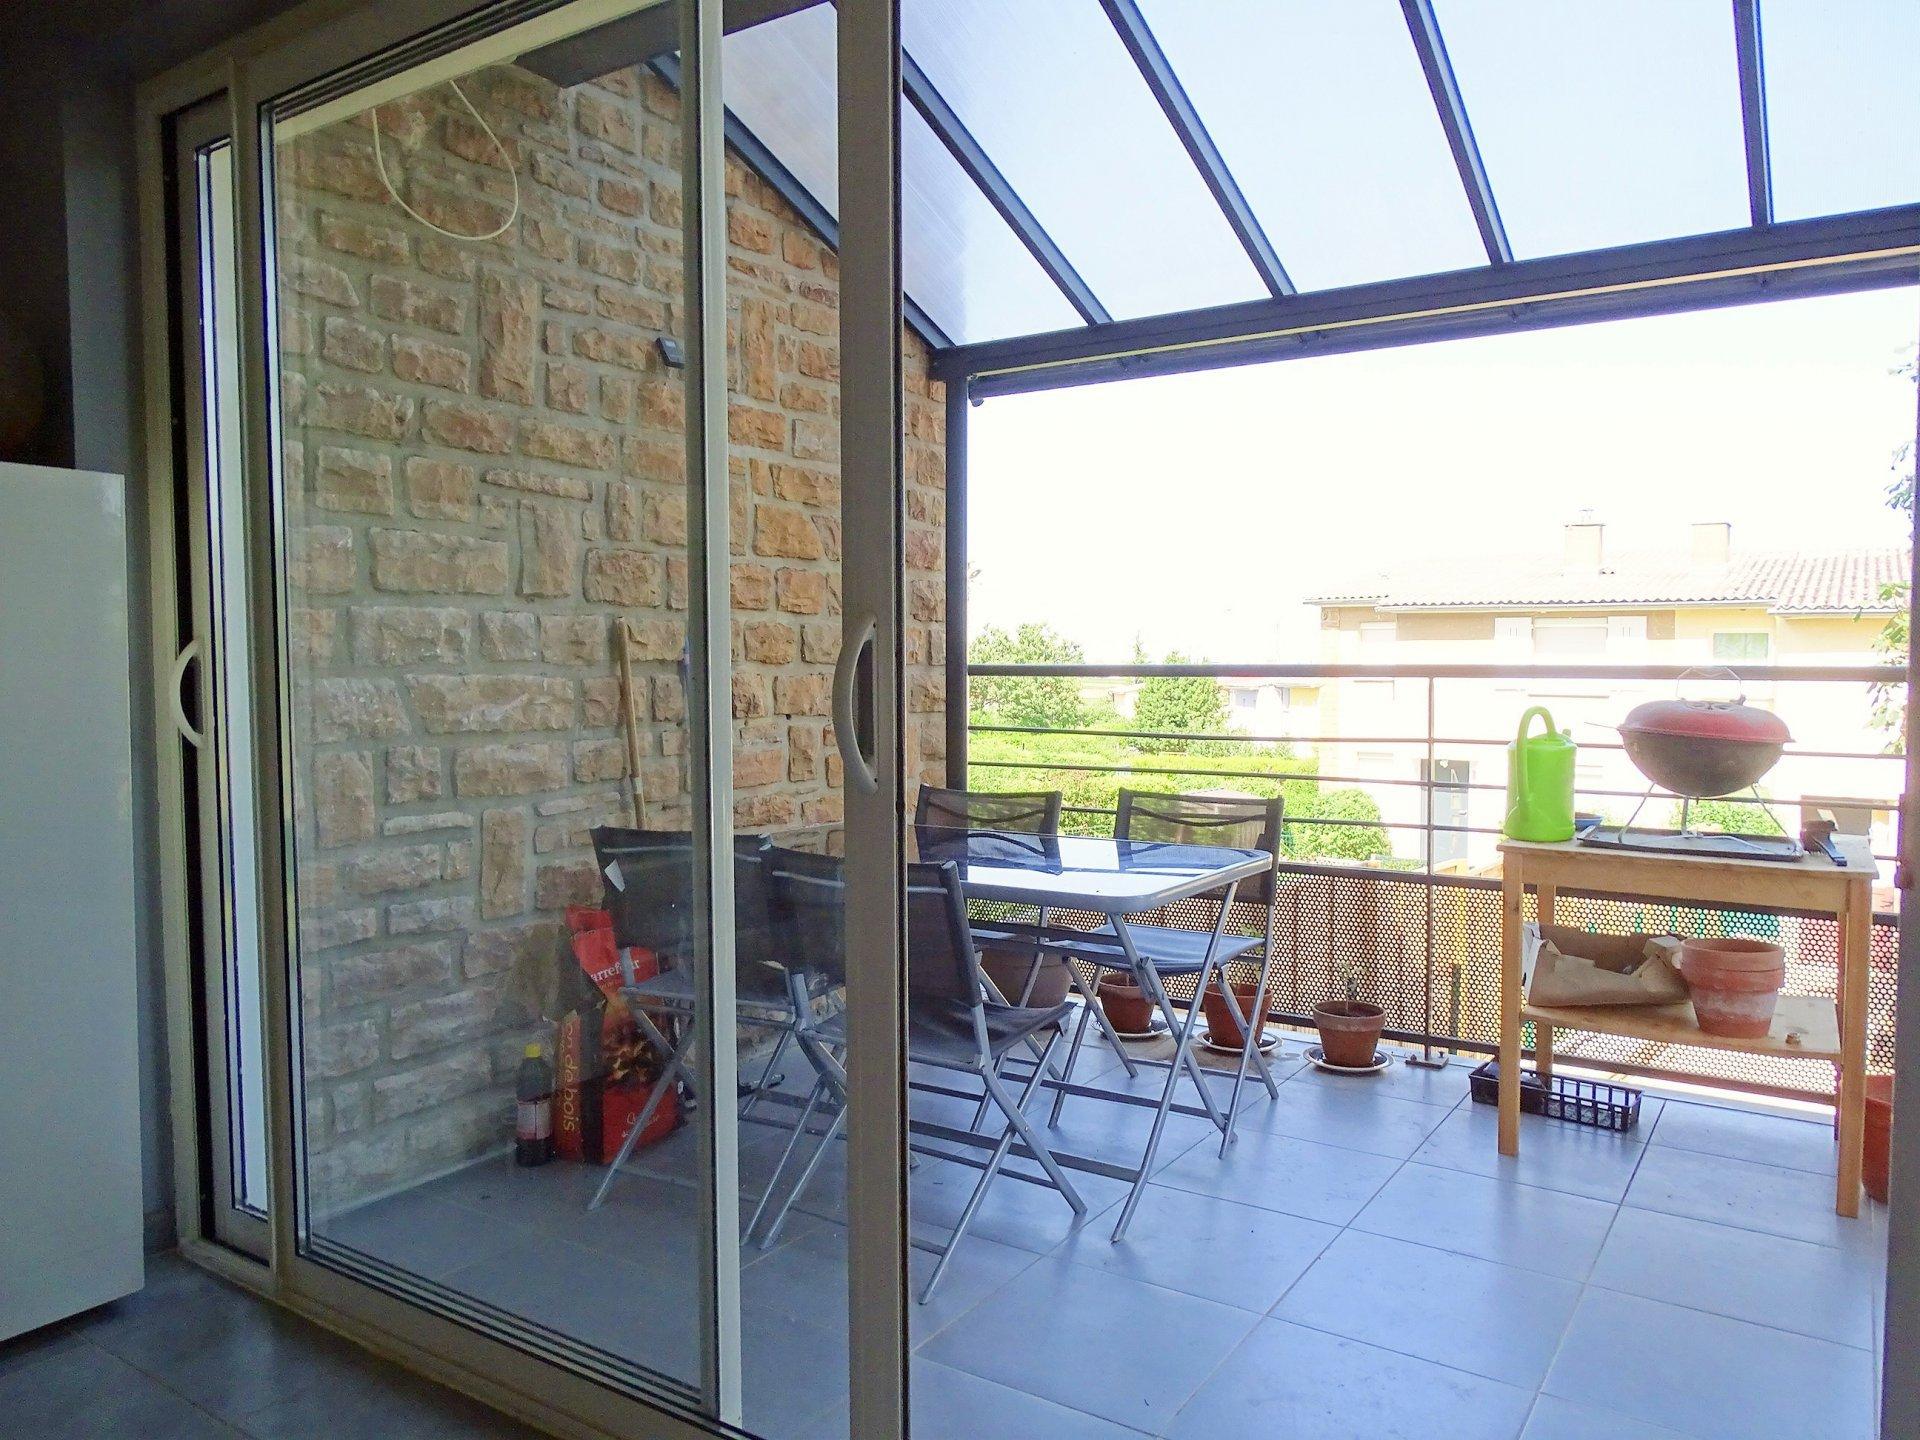 A pied du centre de Charnay, maison totalement rénovée en 2016. Elle se compose d'une entrée desservant une cuisine totalement équipée, d'une grande buanderie, d'une pièce à vivre donnant sur une jolie terrasse, de deux salles de douche puis de trois chambres.  La maison s'ouvre sur deux jardinets avec terrasses (à l'est et à l'ouest).  La plupart des travaux date de 2016-2017 (façade, huisseries, isolation, aménagement extérieur..), il ne reste plus qu'à poser ses valises !  Honoraires à charge vendeurs